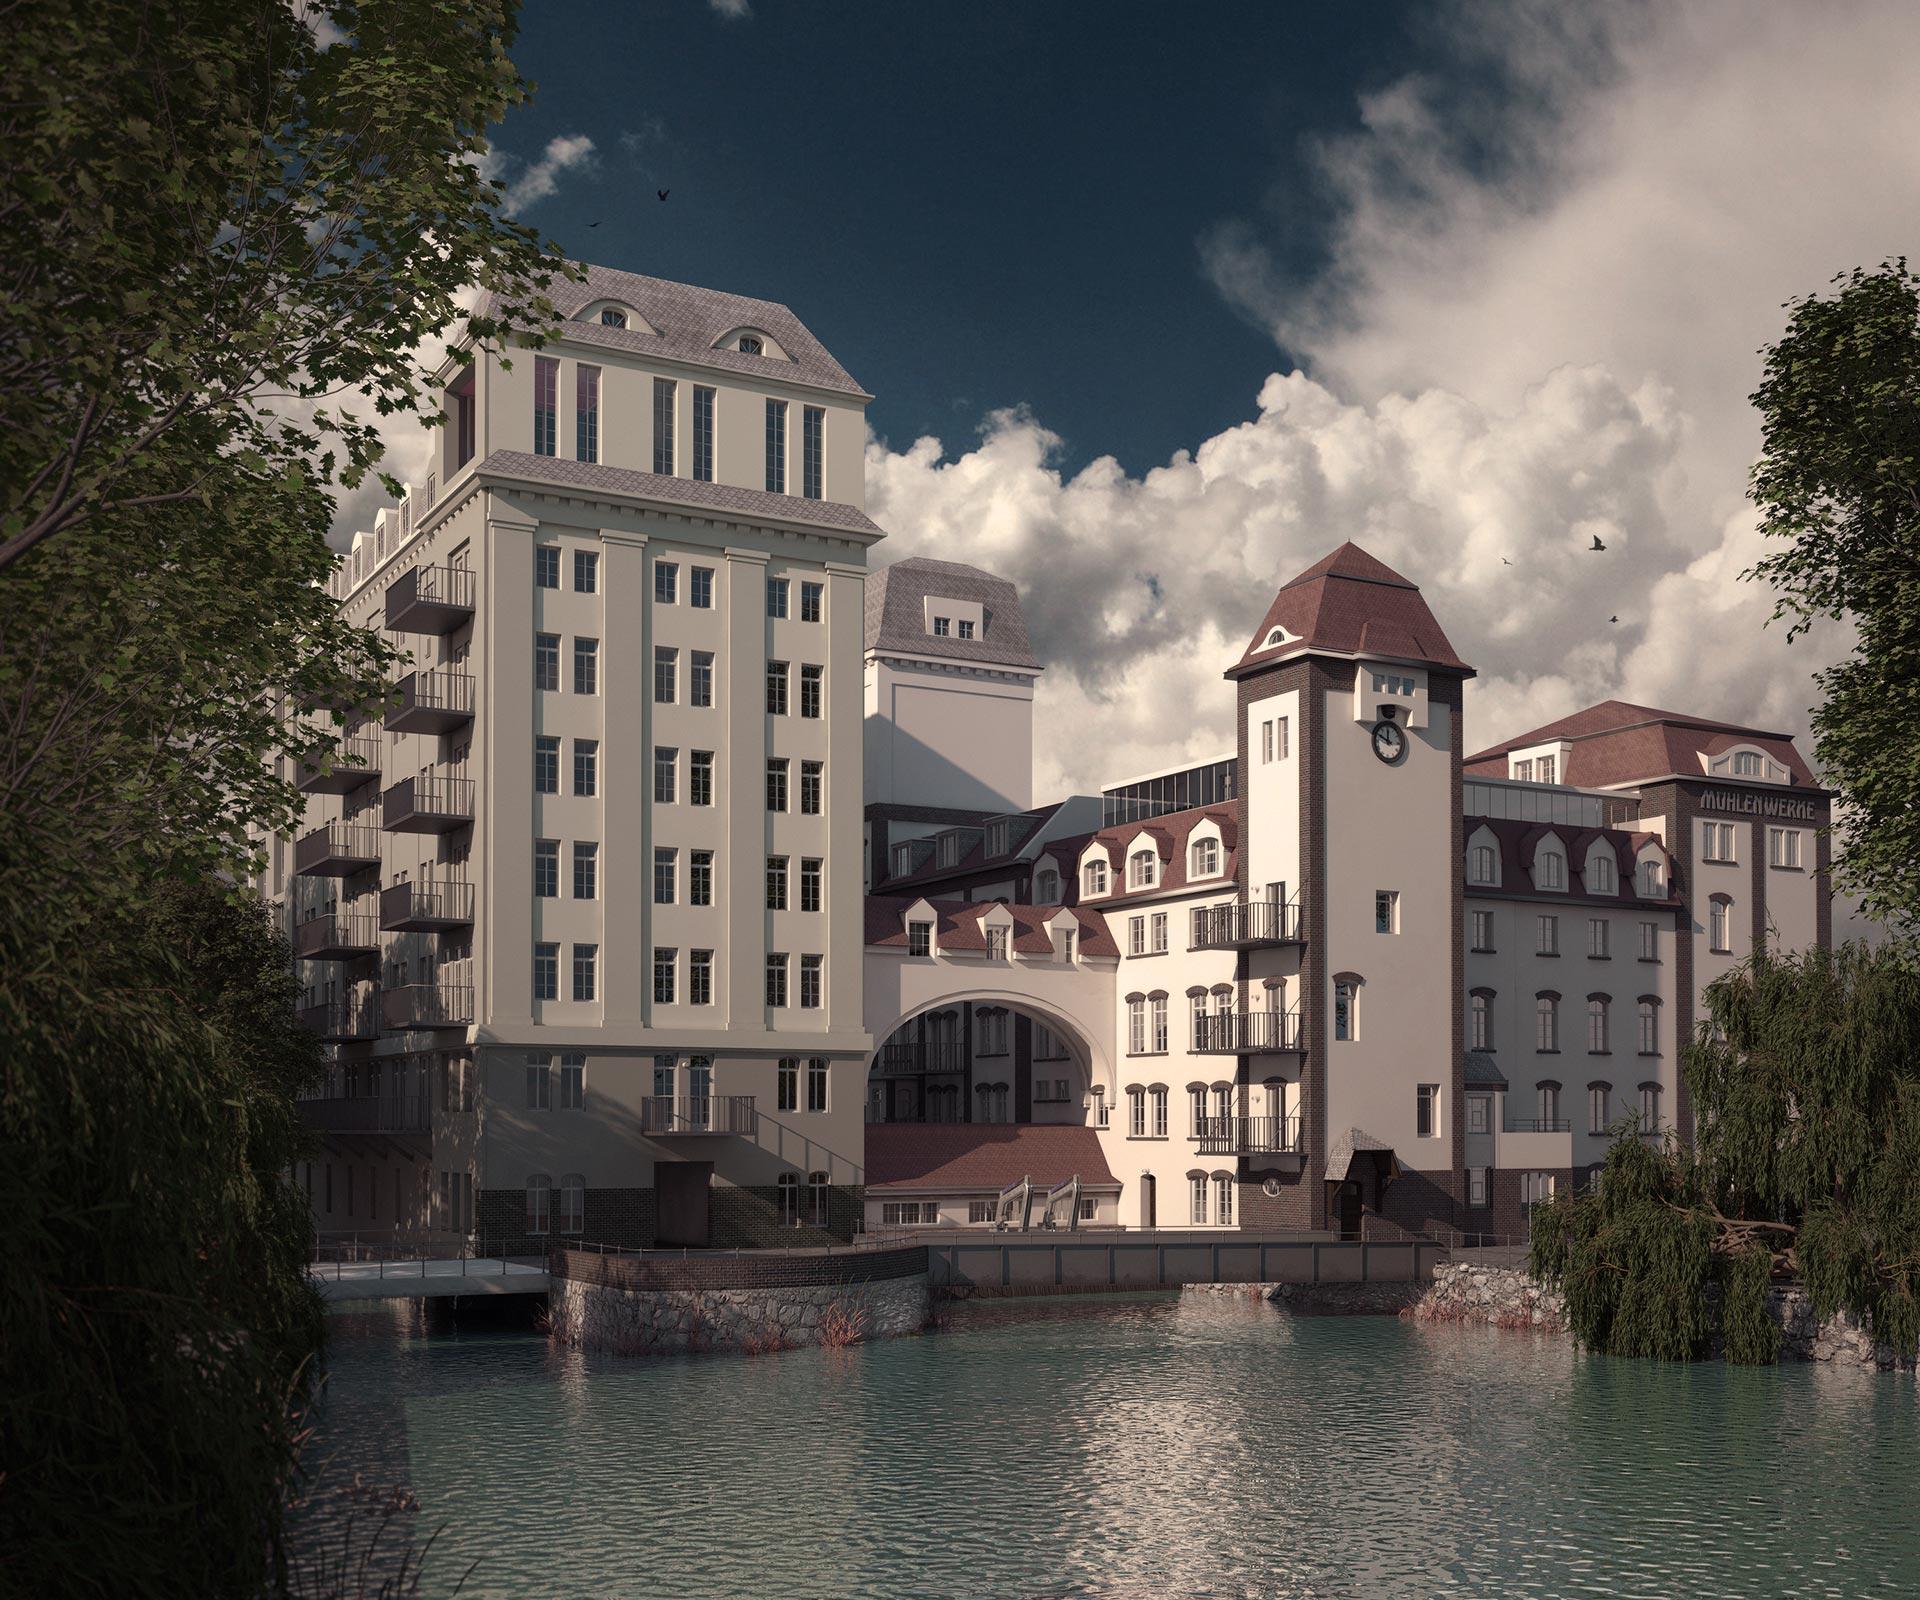 M hlenwerke eilmann architekt for Architekt leipzig